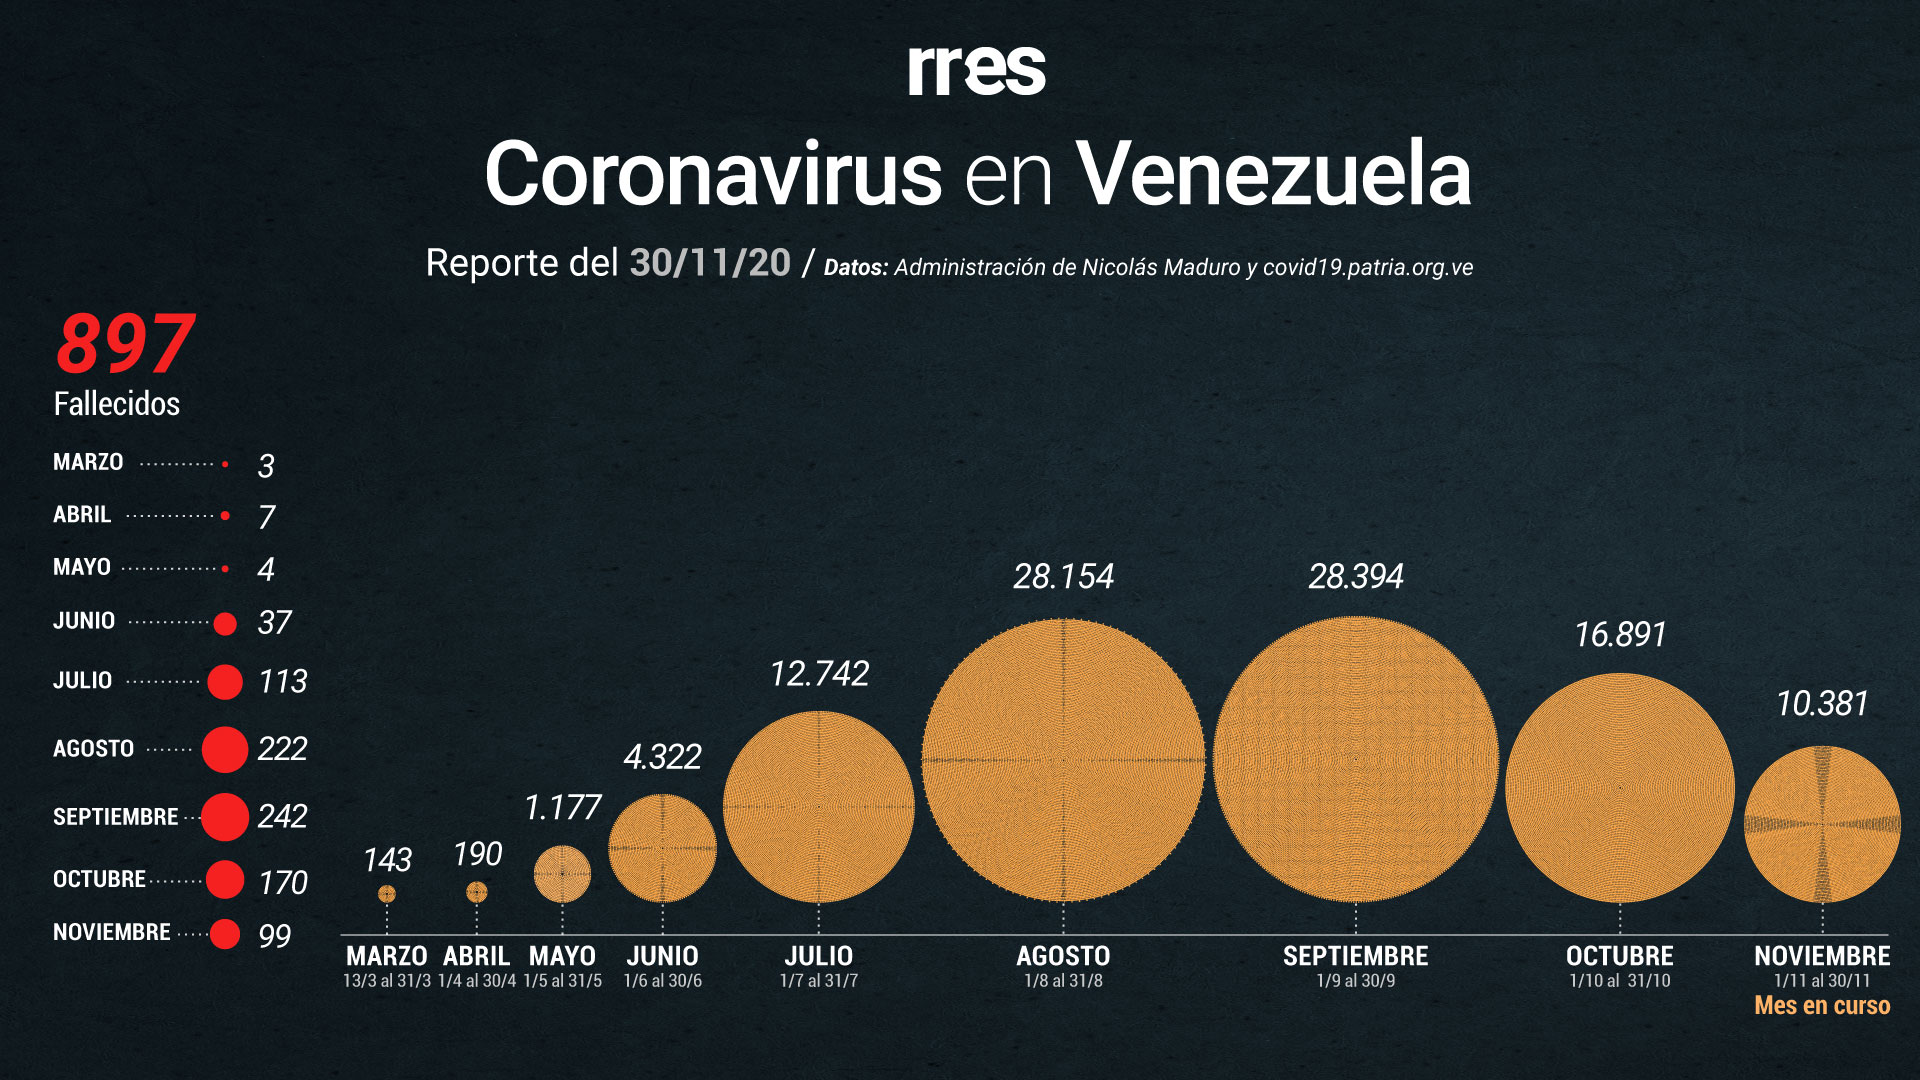 Venezuela registra 3 muertos por COVID-19 y 354 nuevos casos en el primer día de flexibilización amplia